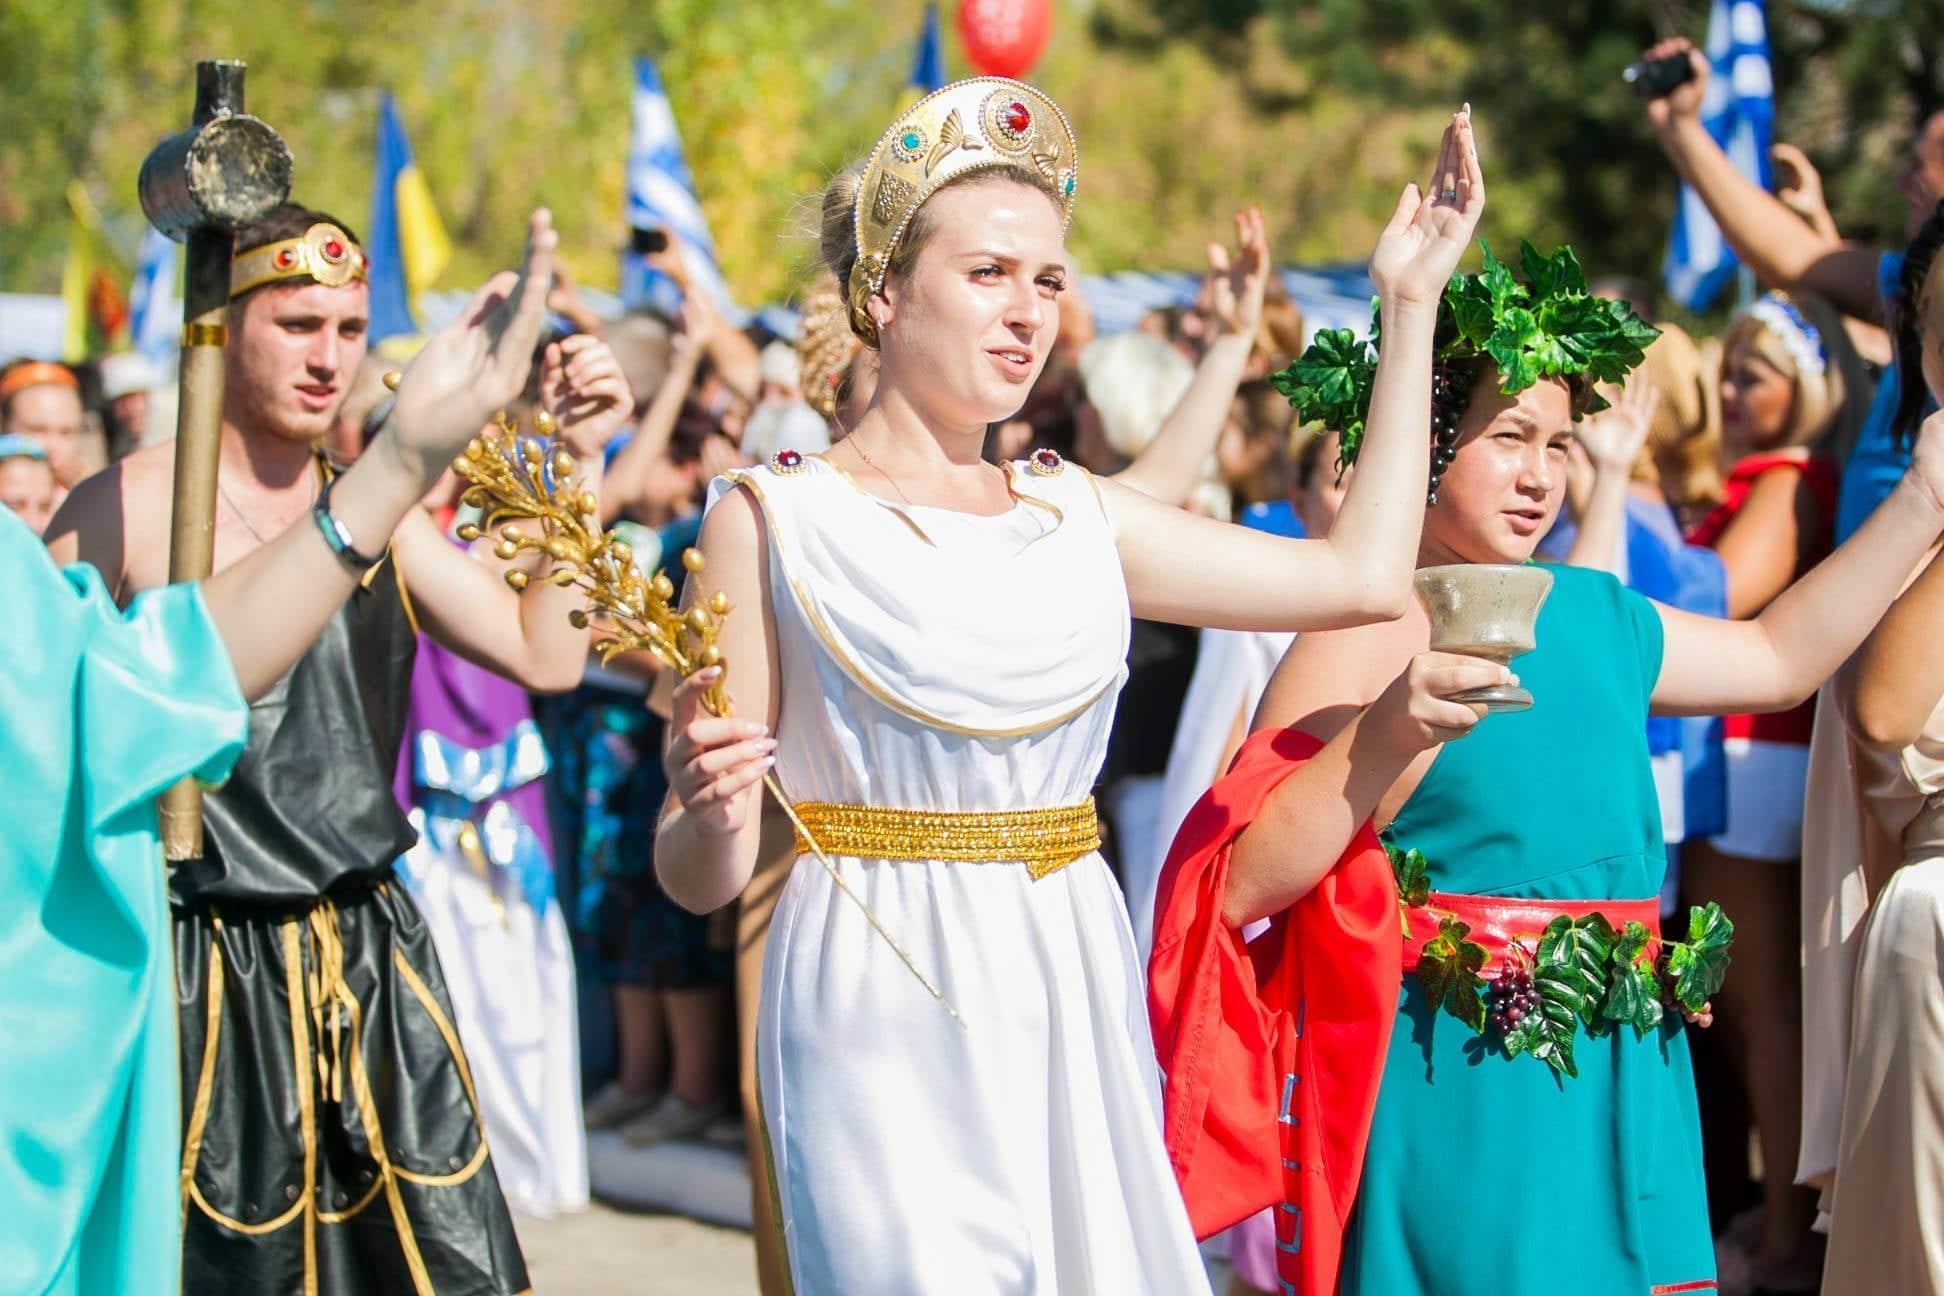 Фестиваль грецької культури Мега-Йорти, який проводять раз на 2 роки на Донеччині